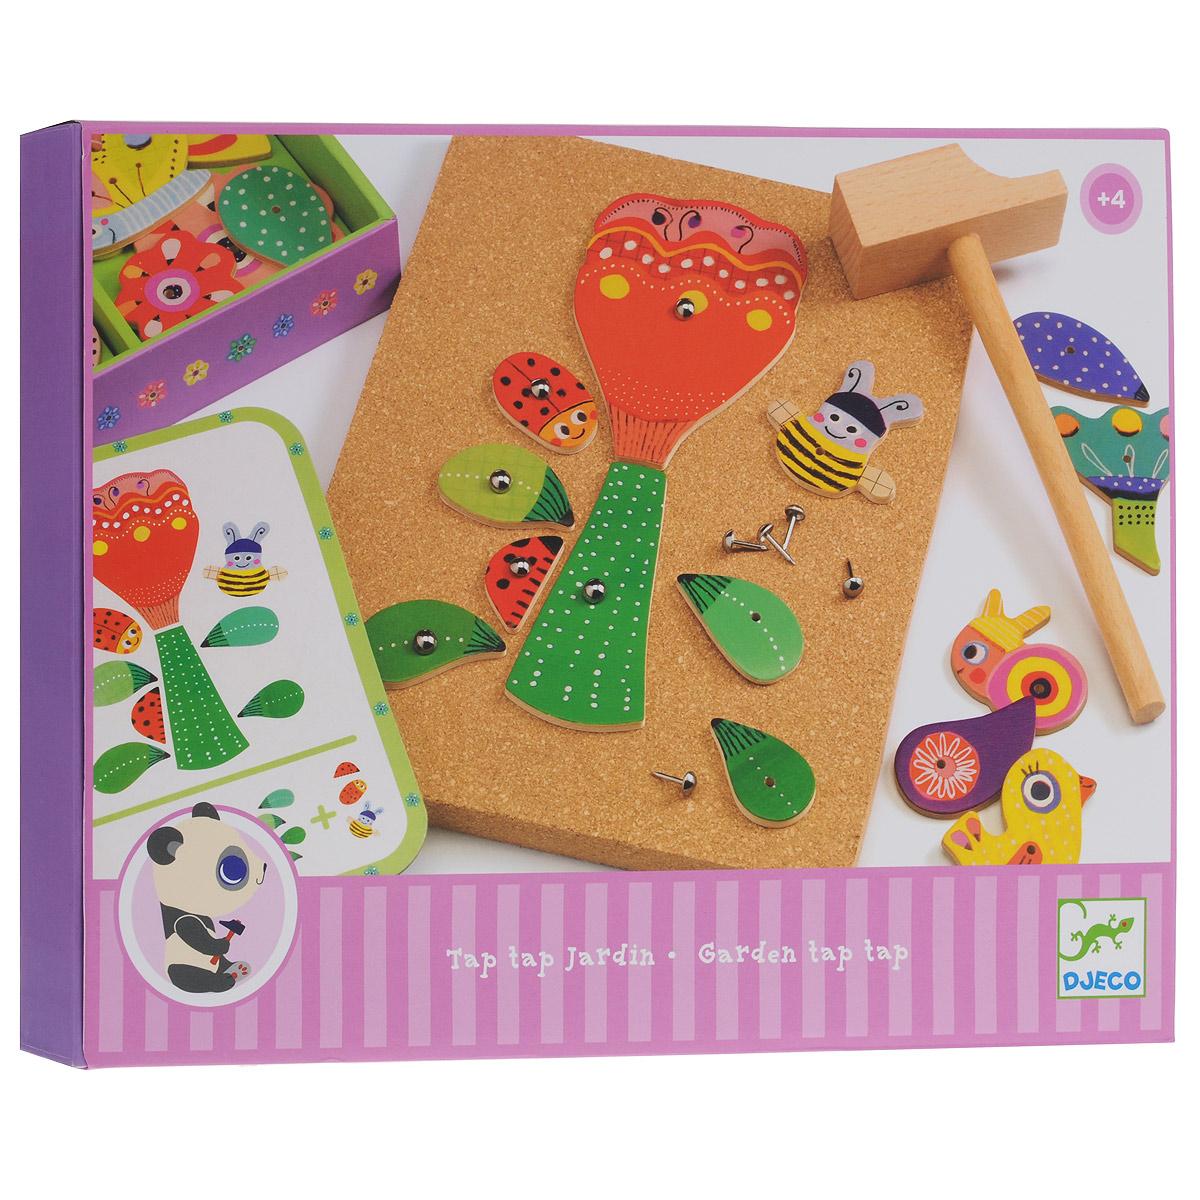 Djeco Игровой набор-конструктор Сад06643Игровой набор-конструктор Djeco Сад станет увлекательным развлечением для вашего ребенка, ведь он сможет создать прекрасный сад из цветов прямо у себя дома. В набор входят основа, на которой будут собираться цветы, деревянные элементы с изображениями фрагментов 5 разных цветов, 5 двусторонних карточек с изображениями возможных вариантов цветов, металлические гвоздики и деревянный молоток. С помощью элементов набора малыш сможет создать цветы согласно изображениям на карточках или проявить творческие способности и придумать собственный вариант. В элементах конструктора имеются дырочки для гвоздиков. Выбрав нужные элементы, осторожно приколотите их к основе - и цветок готов! Гвоздики легко извлекаются из основы, и можно создавать цветы снова и снова. Конструктор упакован в подарочную коробку. Конструкторы Djeco - увлекательная игра, в процессе которой развивается фантазия и пространственное мышление ребенка, развивается внимание и усидчивость.